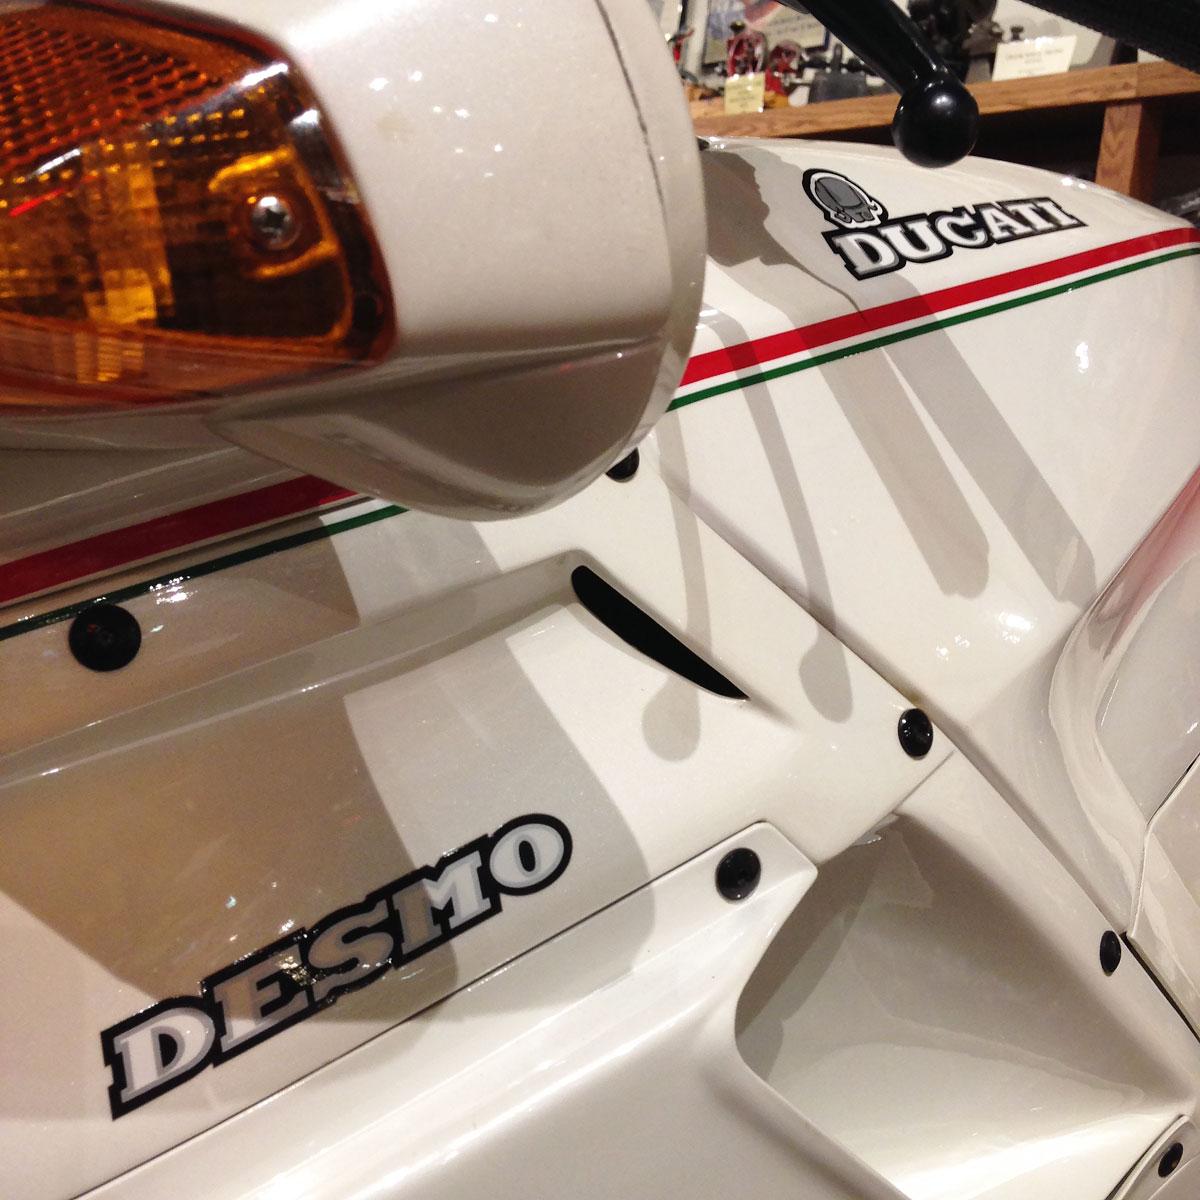 1988-ducati-paso_12